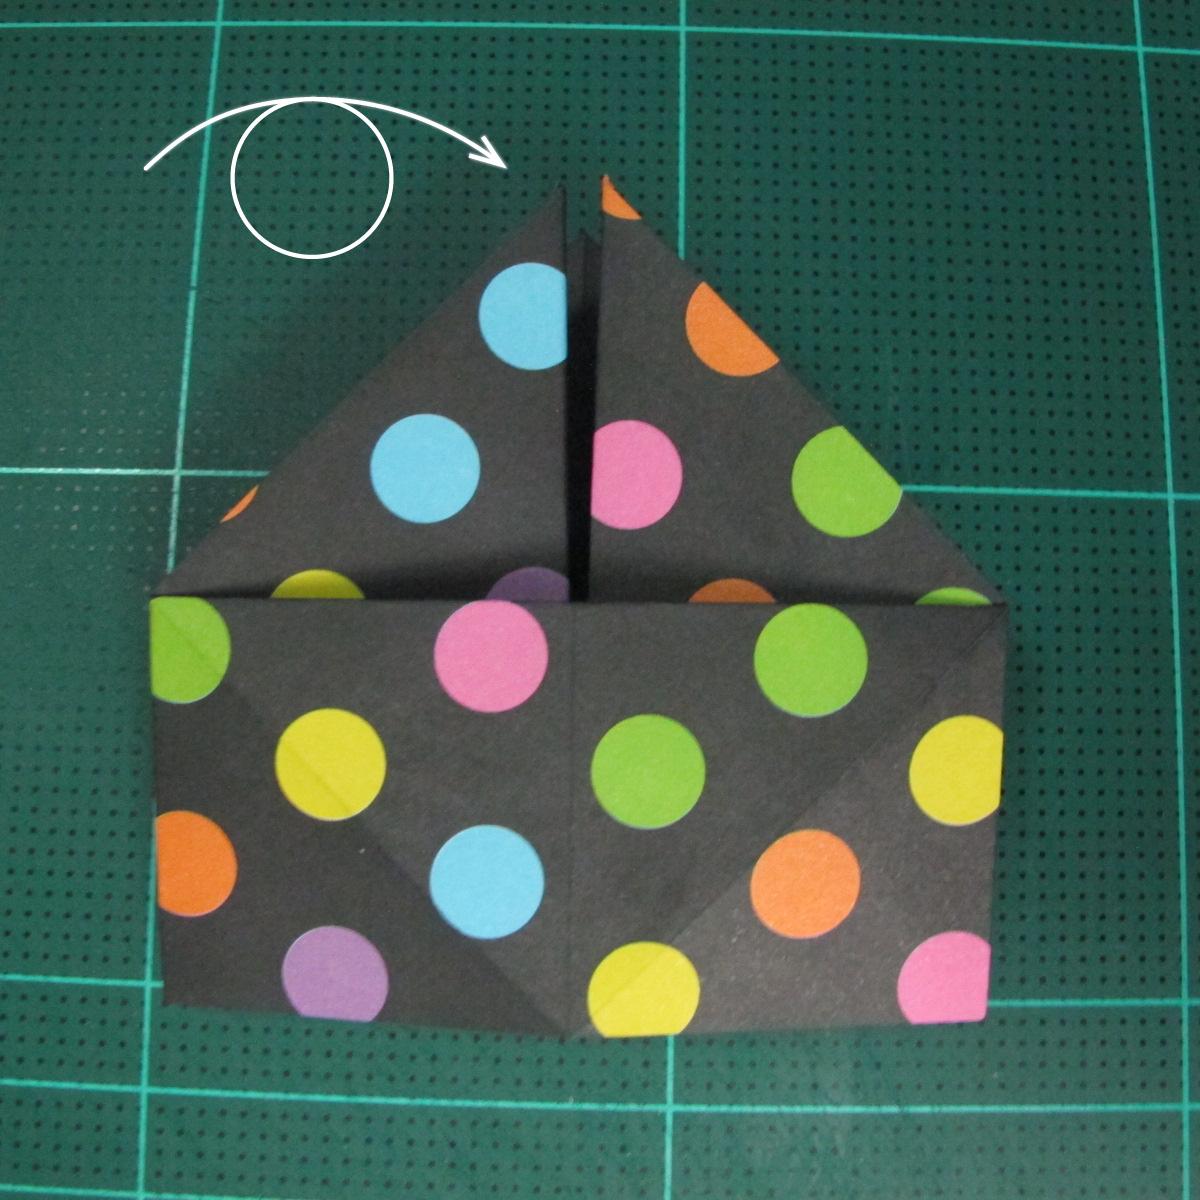 การพับกระดาษเป็นถุงใส่ขนมแบบญี่ปุ่น (Origami Sambo) 006